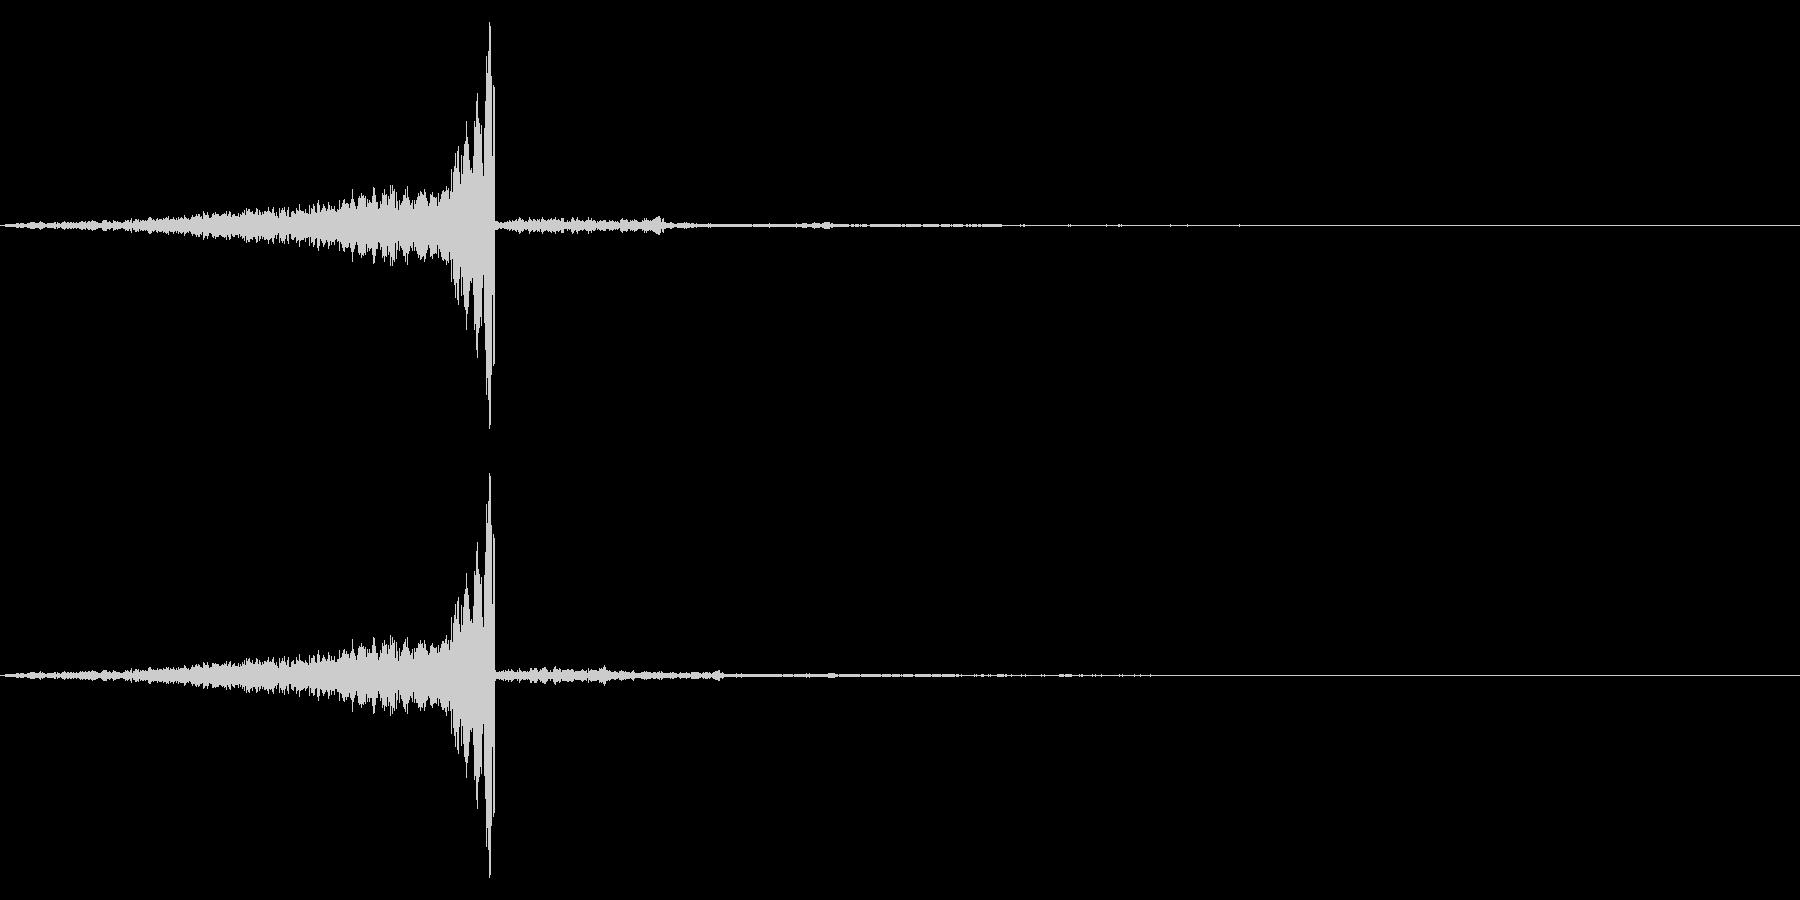 ゲームの効果音7 飛んでくる ヒュンの未再生の波形